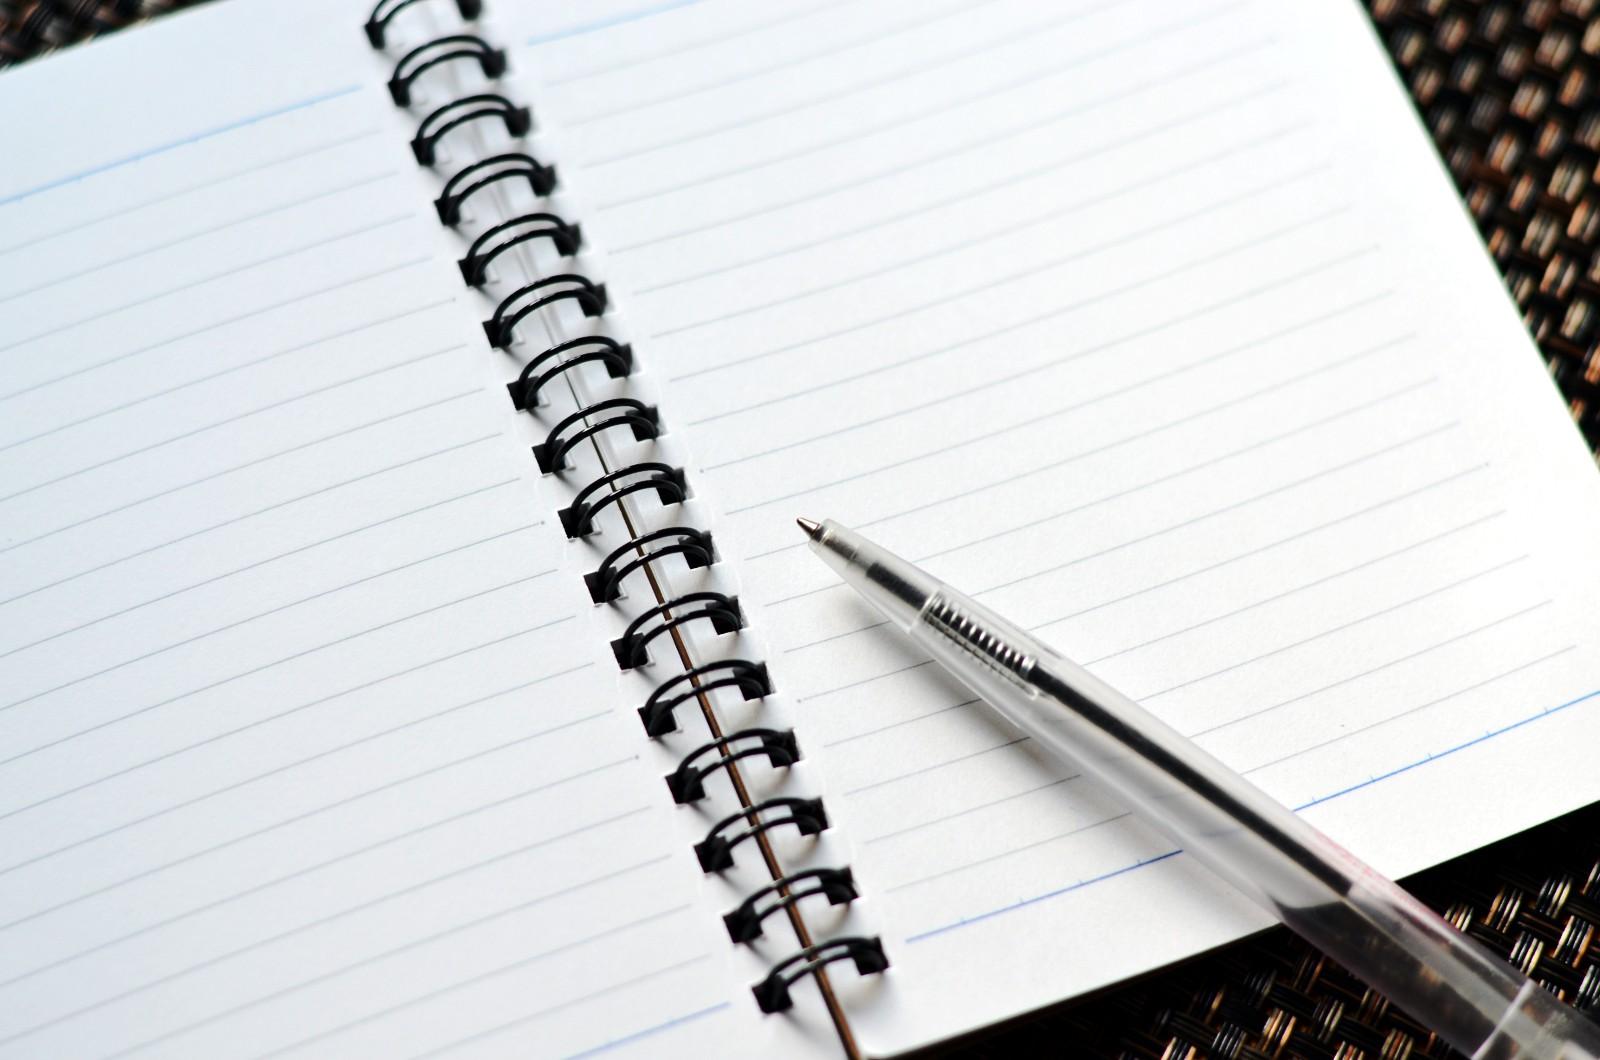 輪ゴムを使って書けなくなったボールペンを復活させる方法